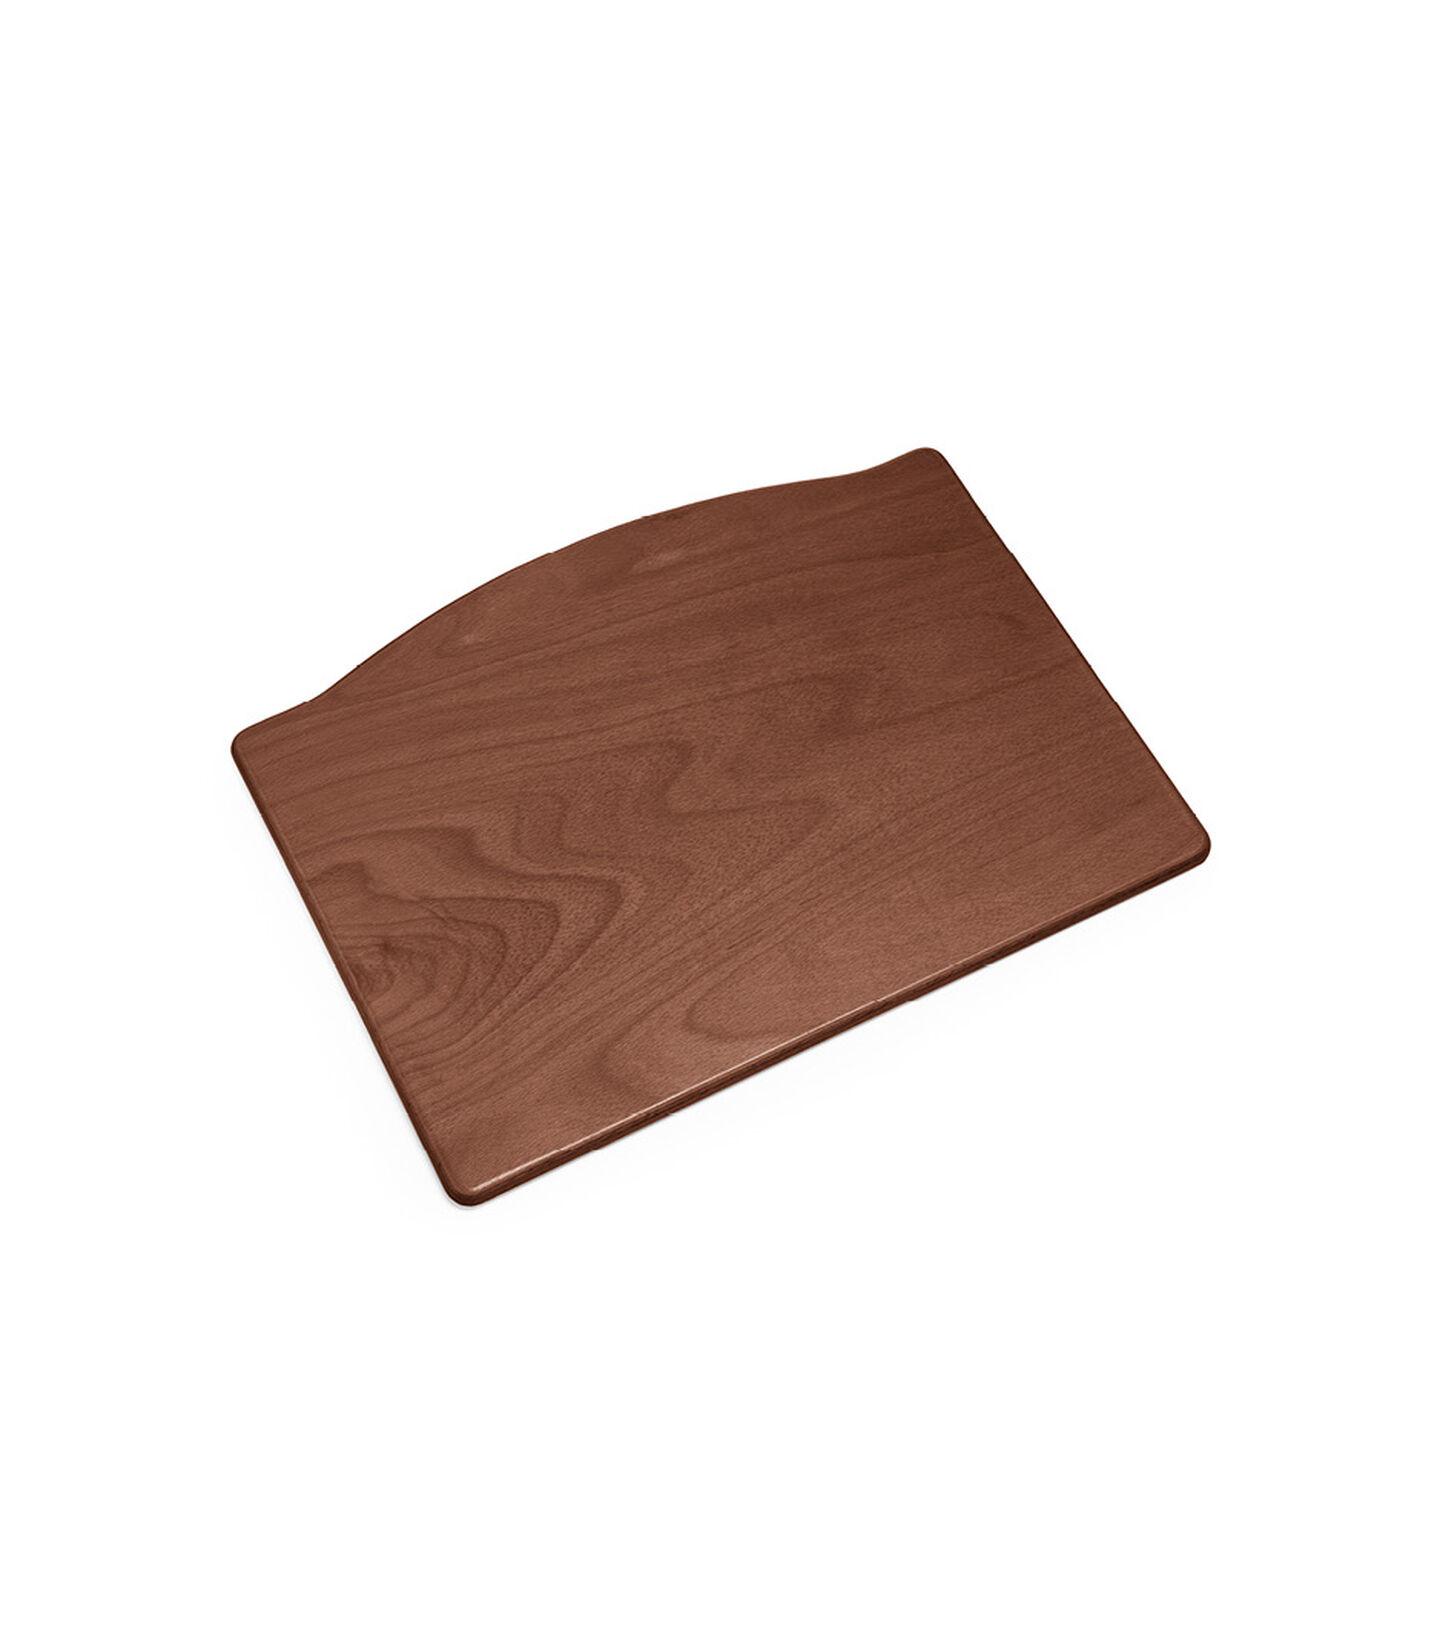 Tripp Trapp® Fotplate Walnut Brown, Walnut, mainview view 1